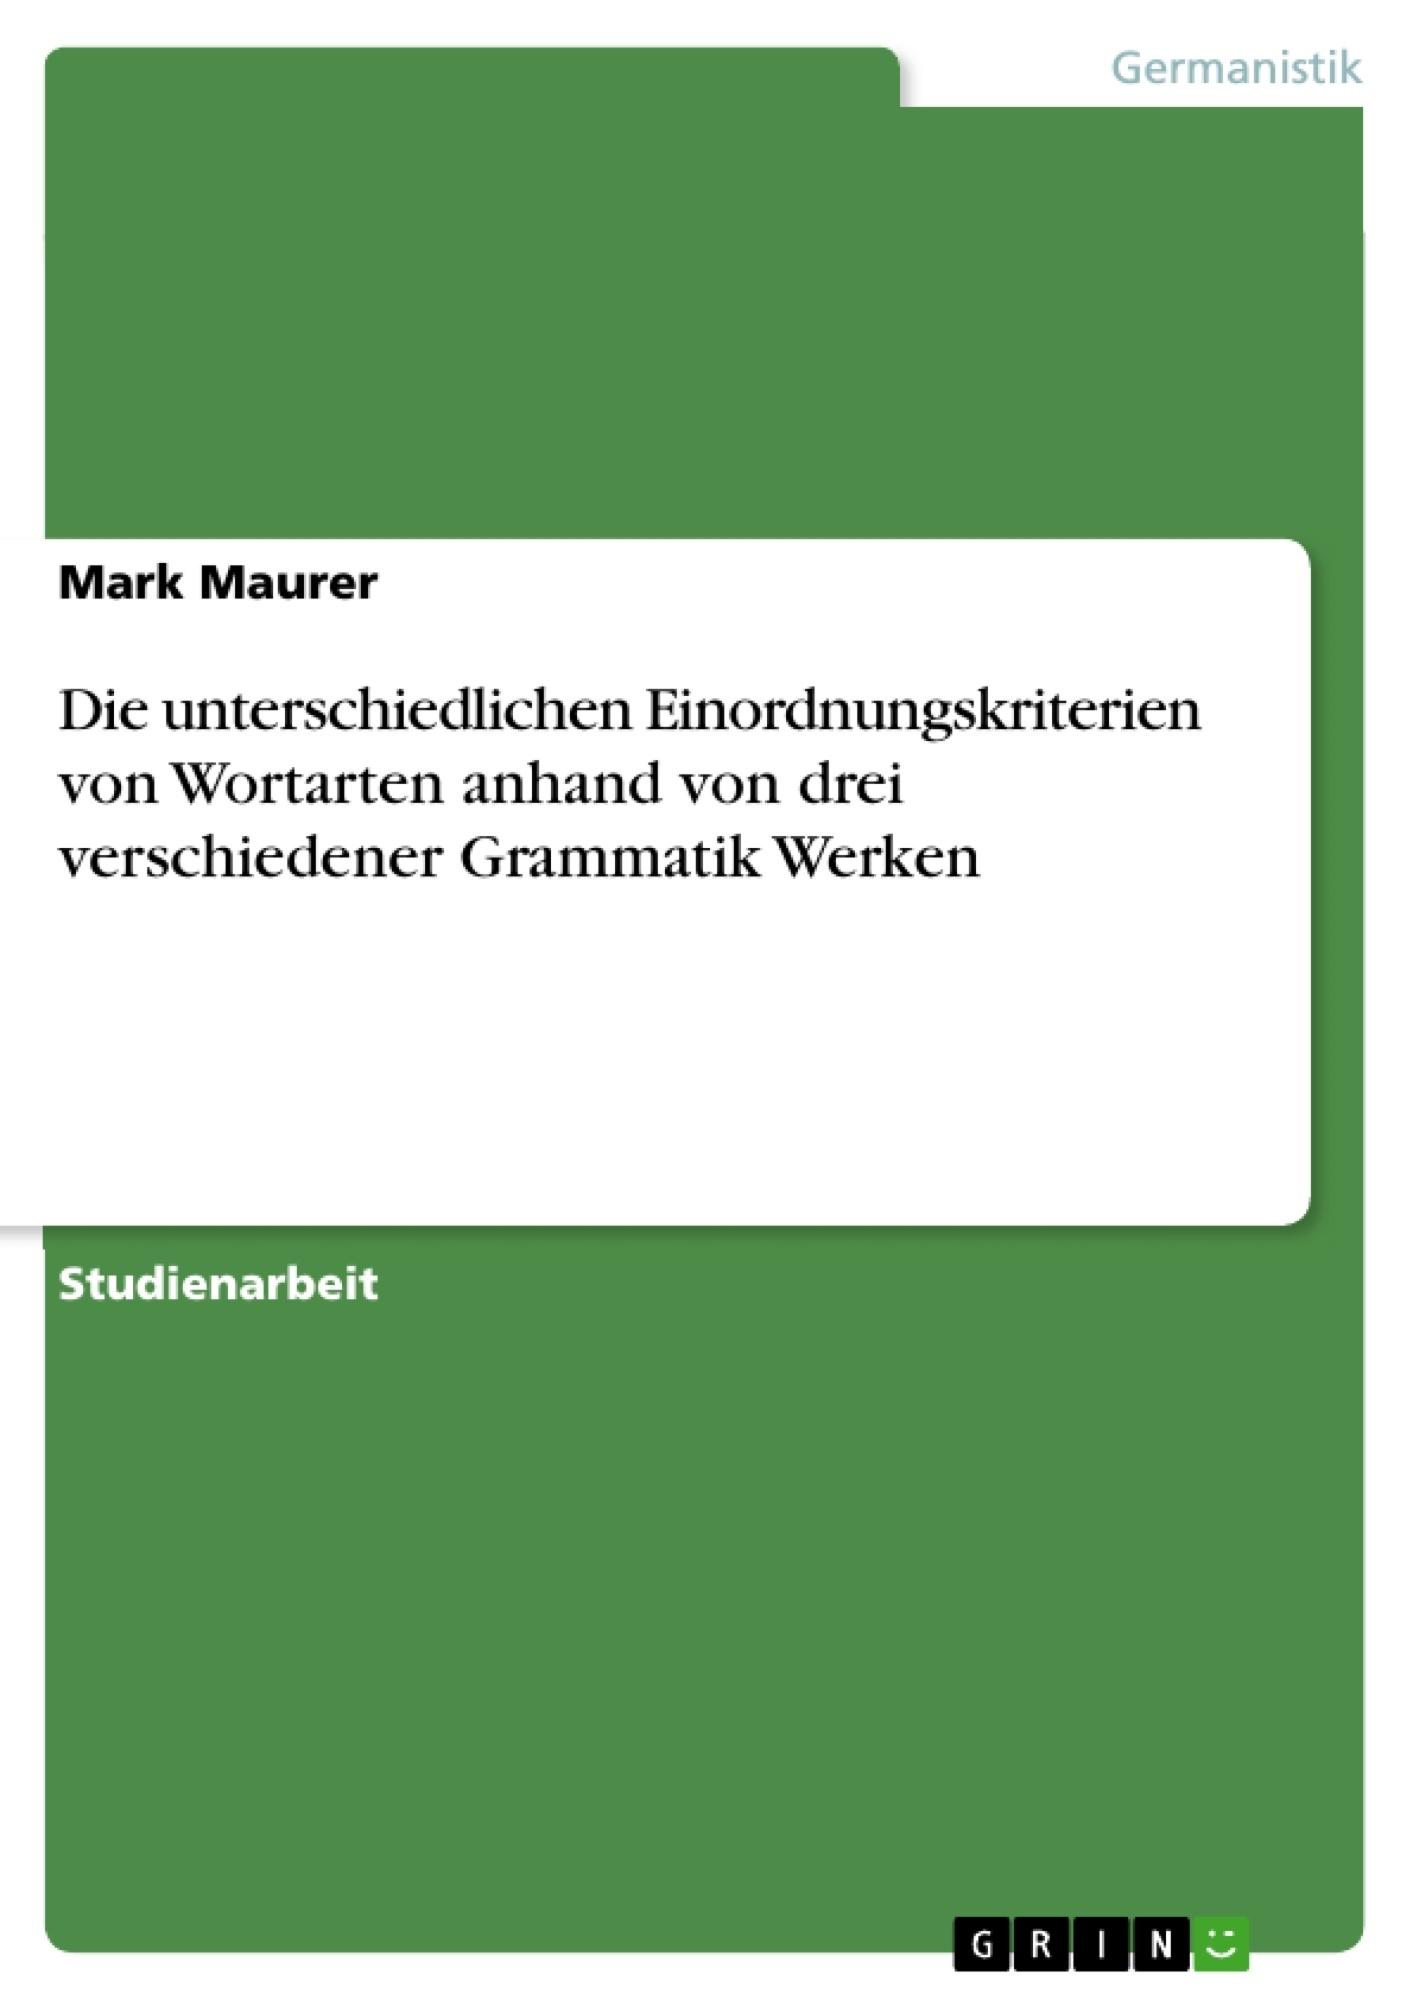 Titel: Die unterschiedlichen Einordnungskriterien von Wortarten anhand von drei verschiedener  Grammatik Werken